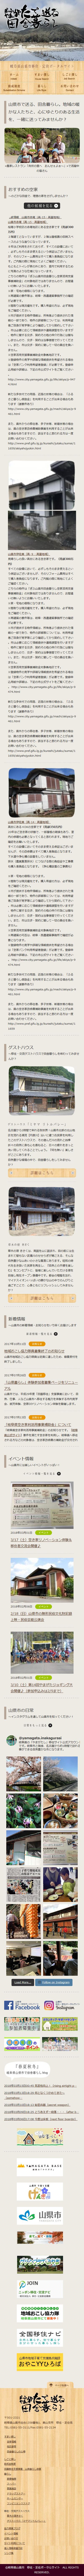 岐阜県山県市 移住定住支援ポータルサイト